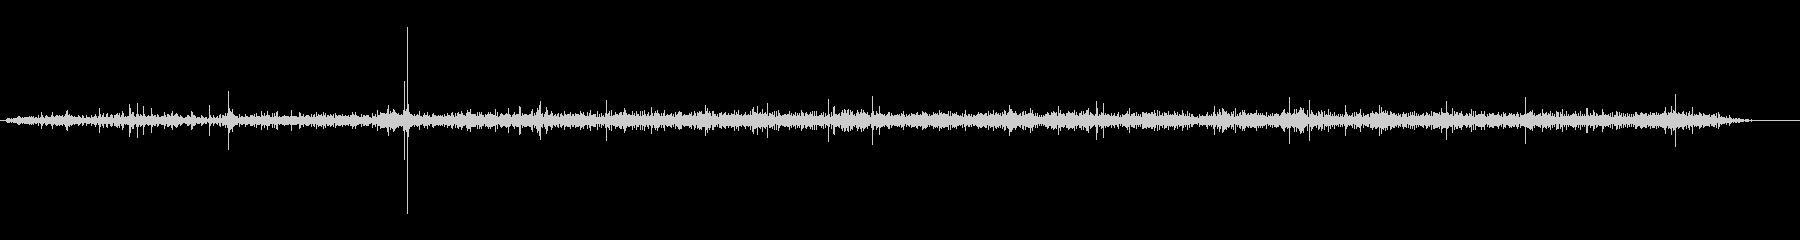 自転車 リケッティペダルシフトアップ01の未再生の波形